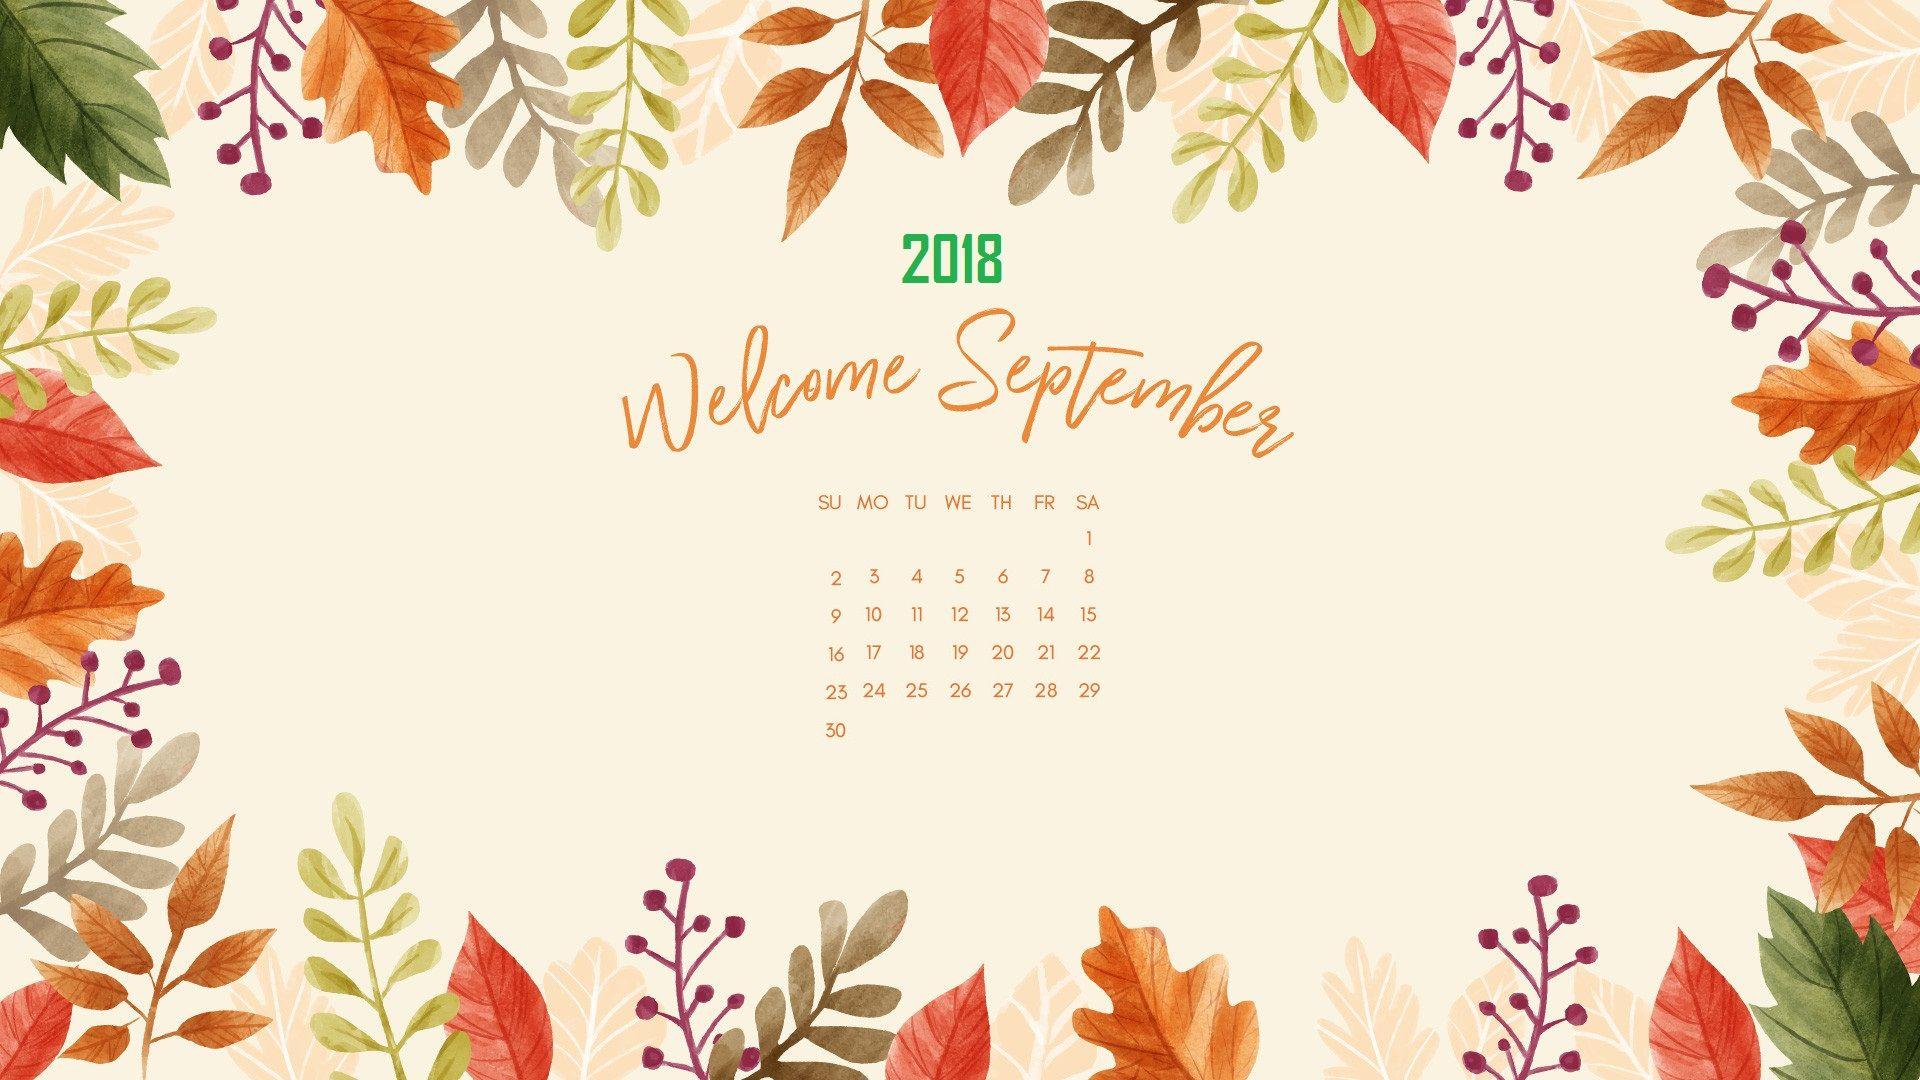 September 2018 Floral Background Wallpaper Calendar